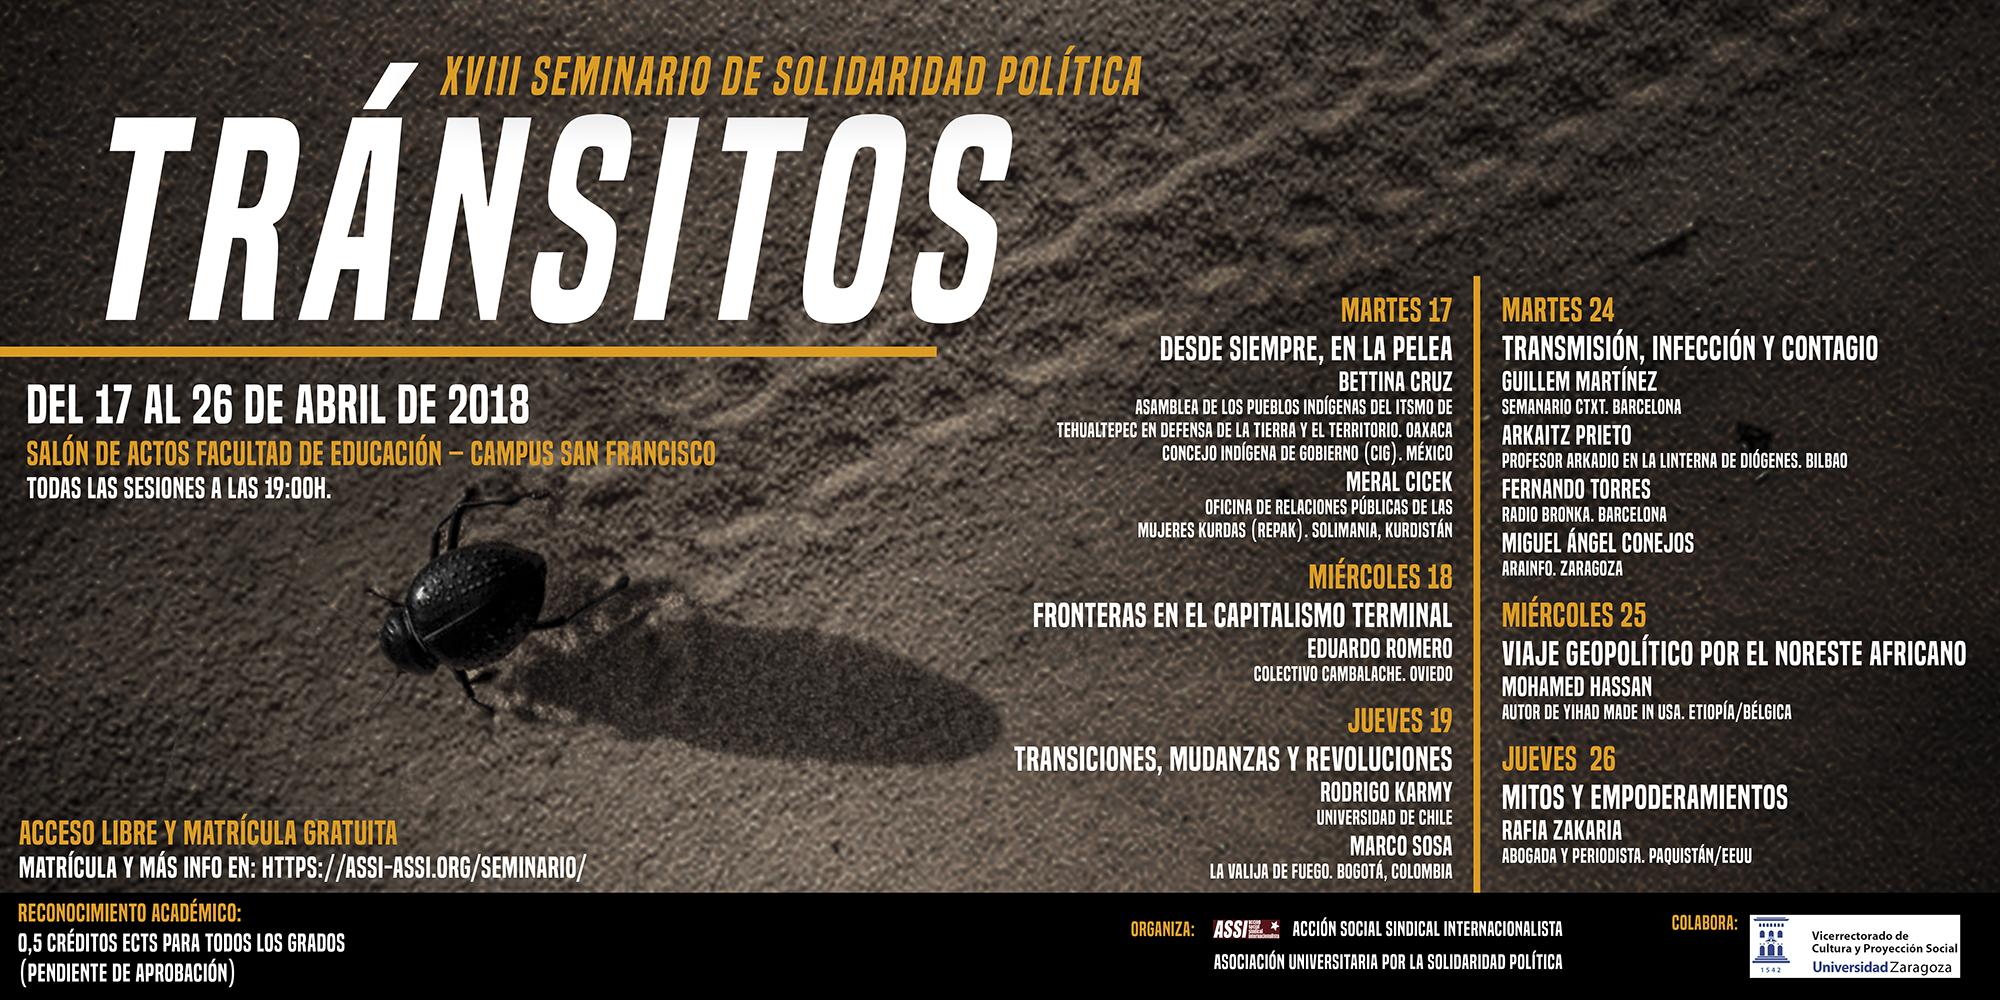 XVIII Seminario de Solidaridad Política